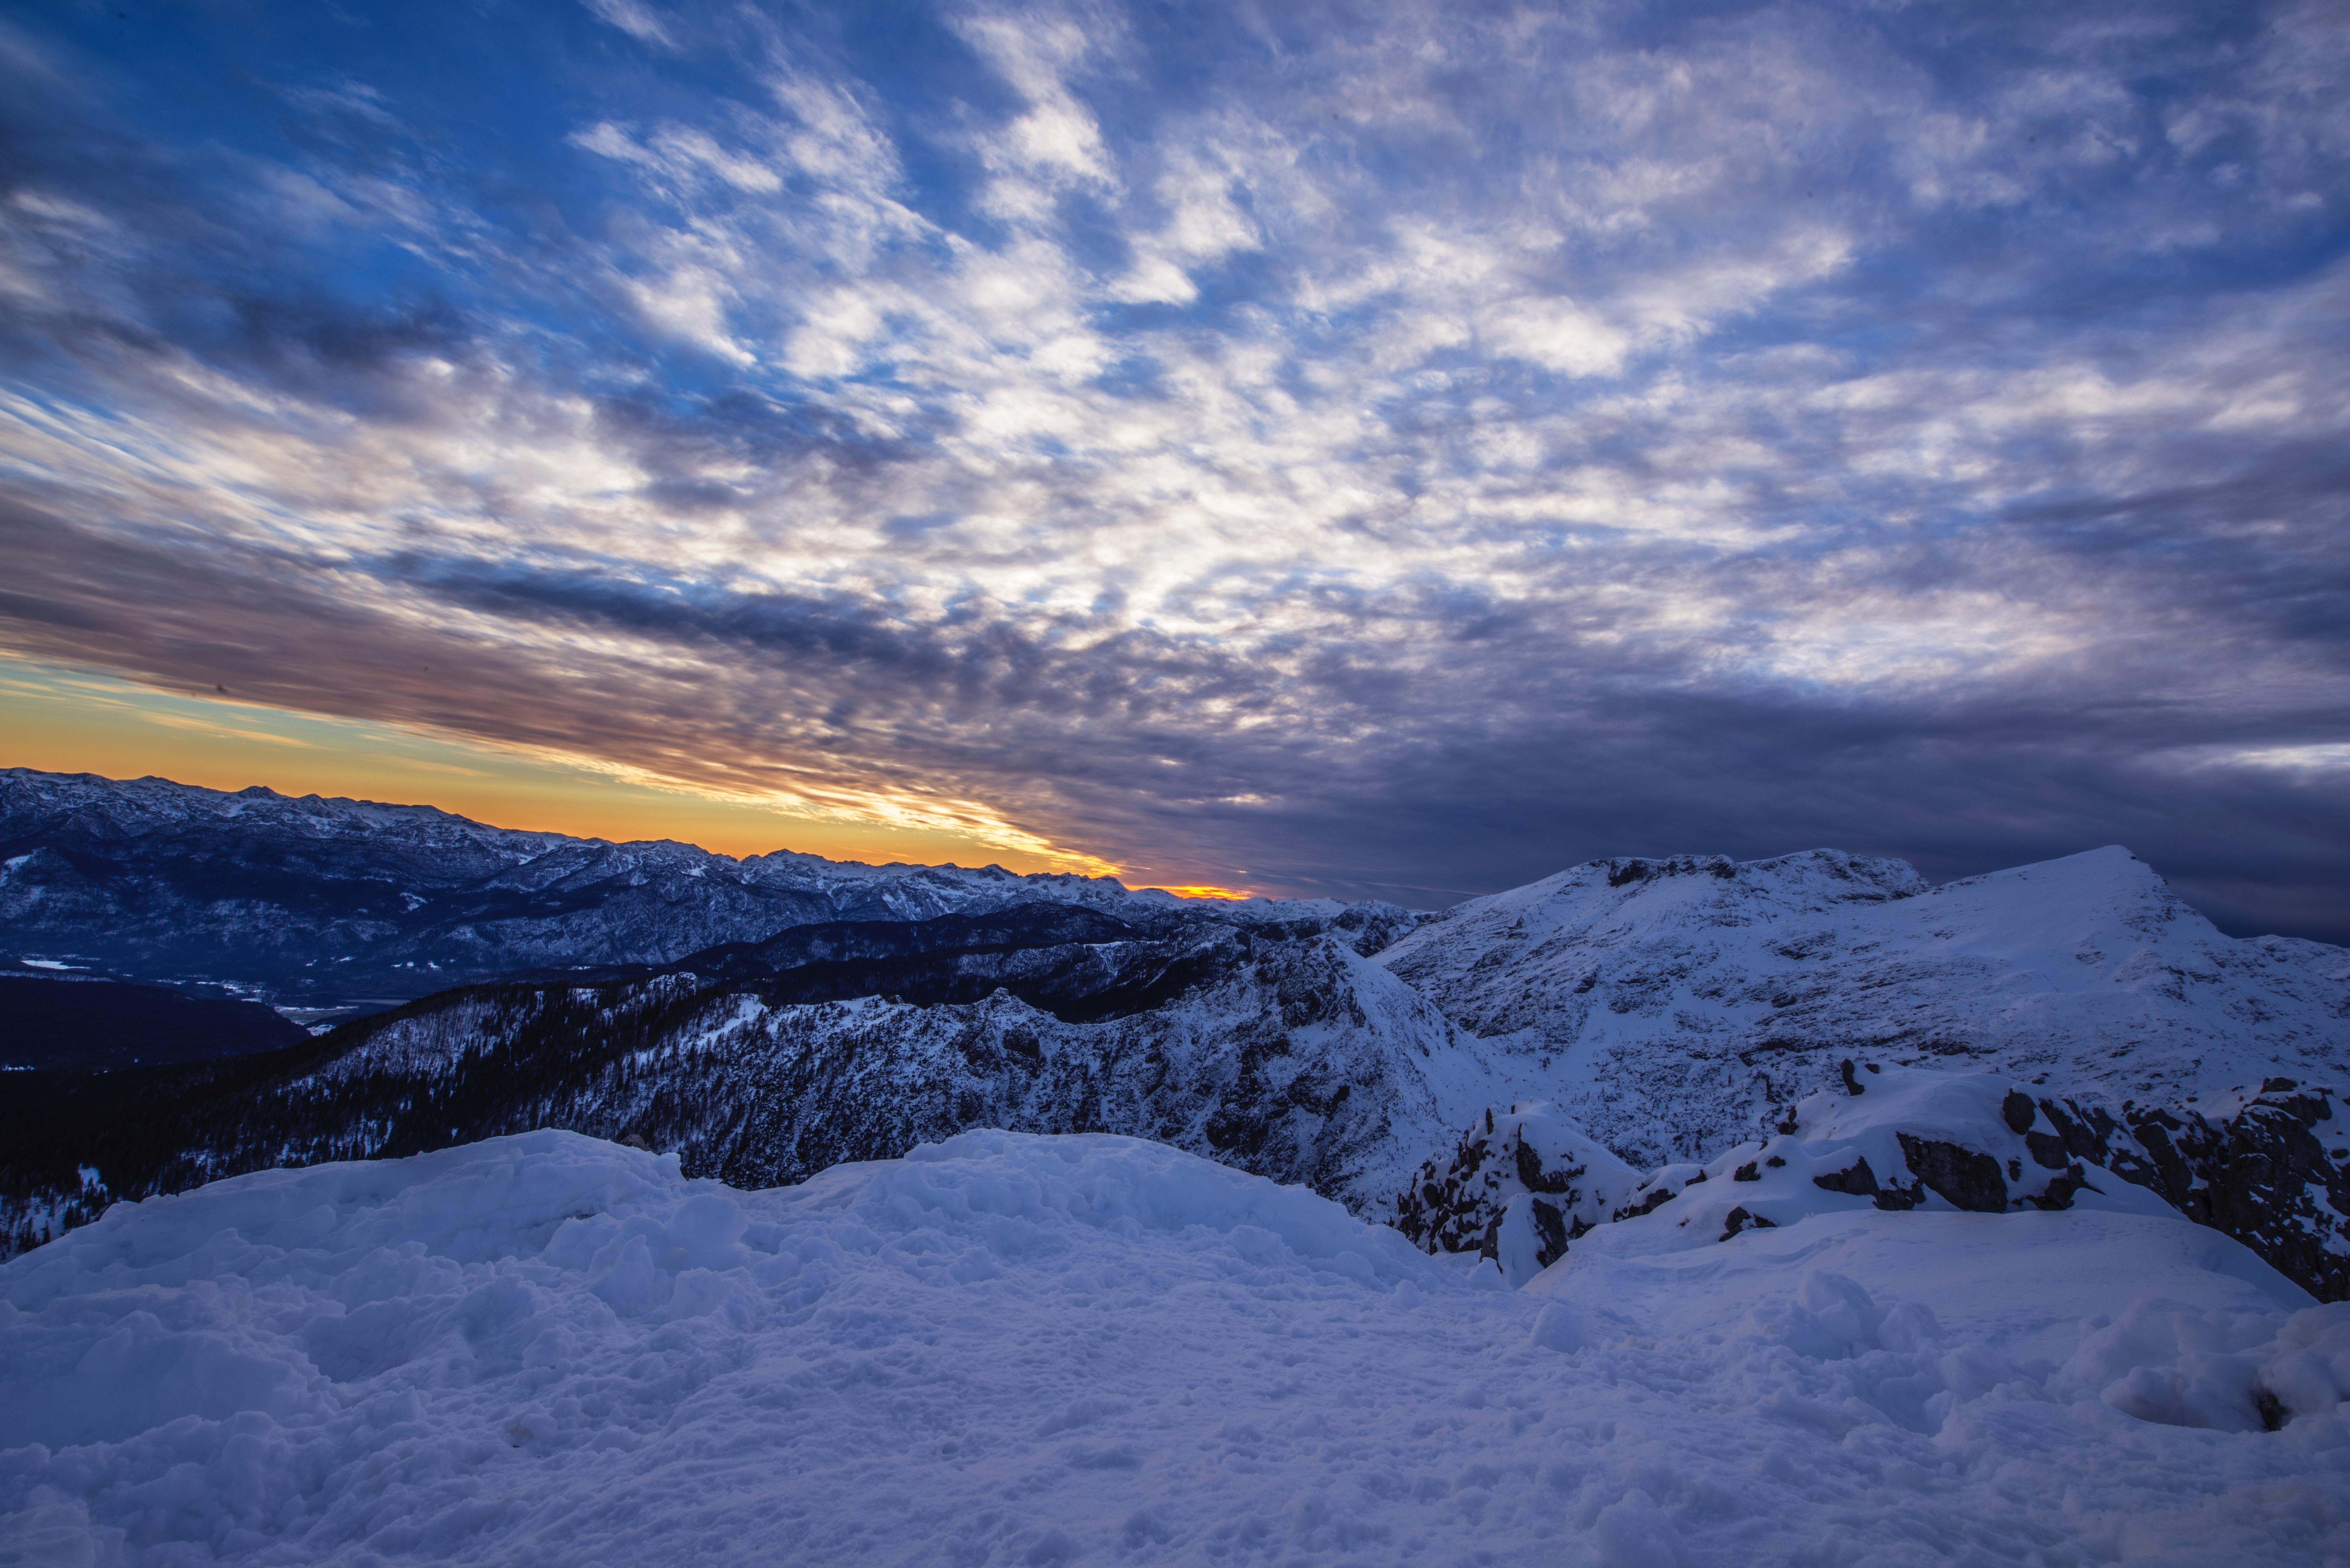 images gratuites paysage montagne neige hiver nuage ciel lever du soleil le coucher du. Black Bedroom Furniture Sets. Home Design Ideas